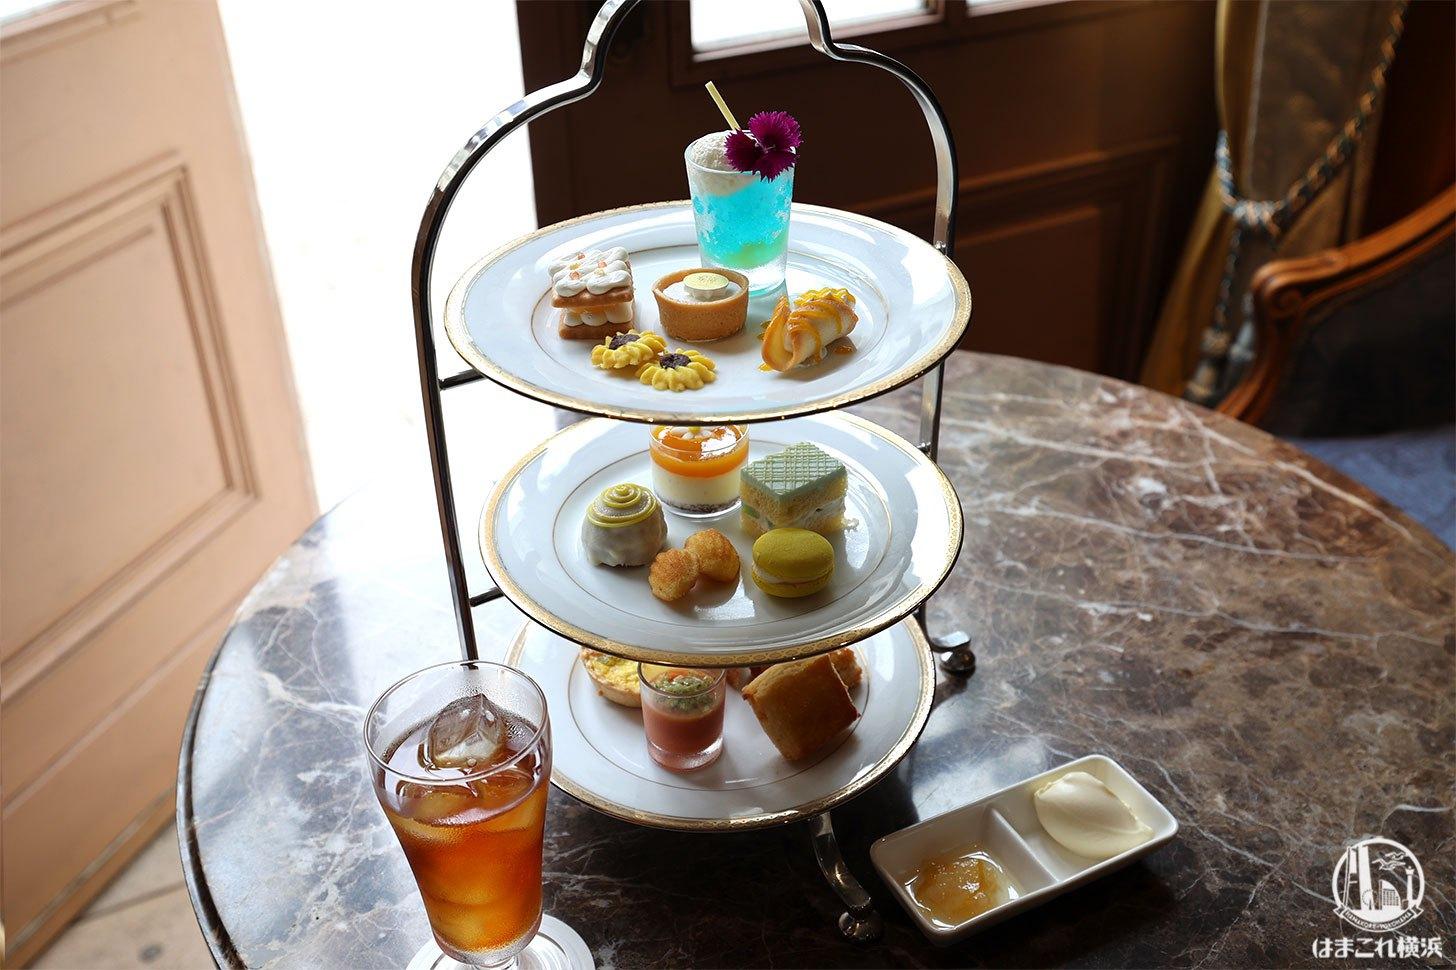 ホテルニューグランド「ラ・テラス」のアフタヌーンティーは紅茶も格別!ラウンジからは素敵な中庭